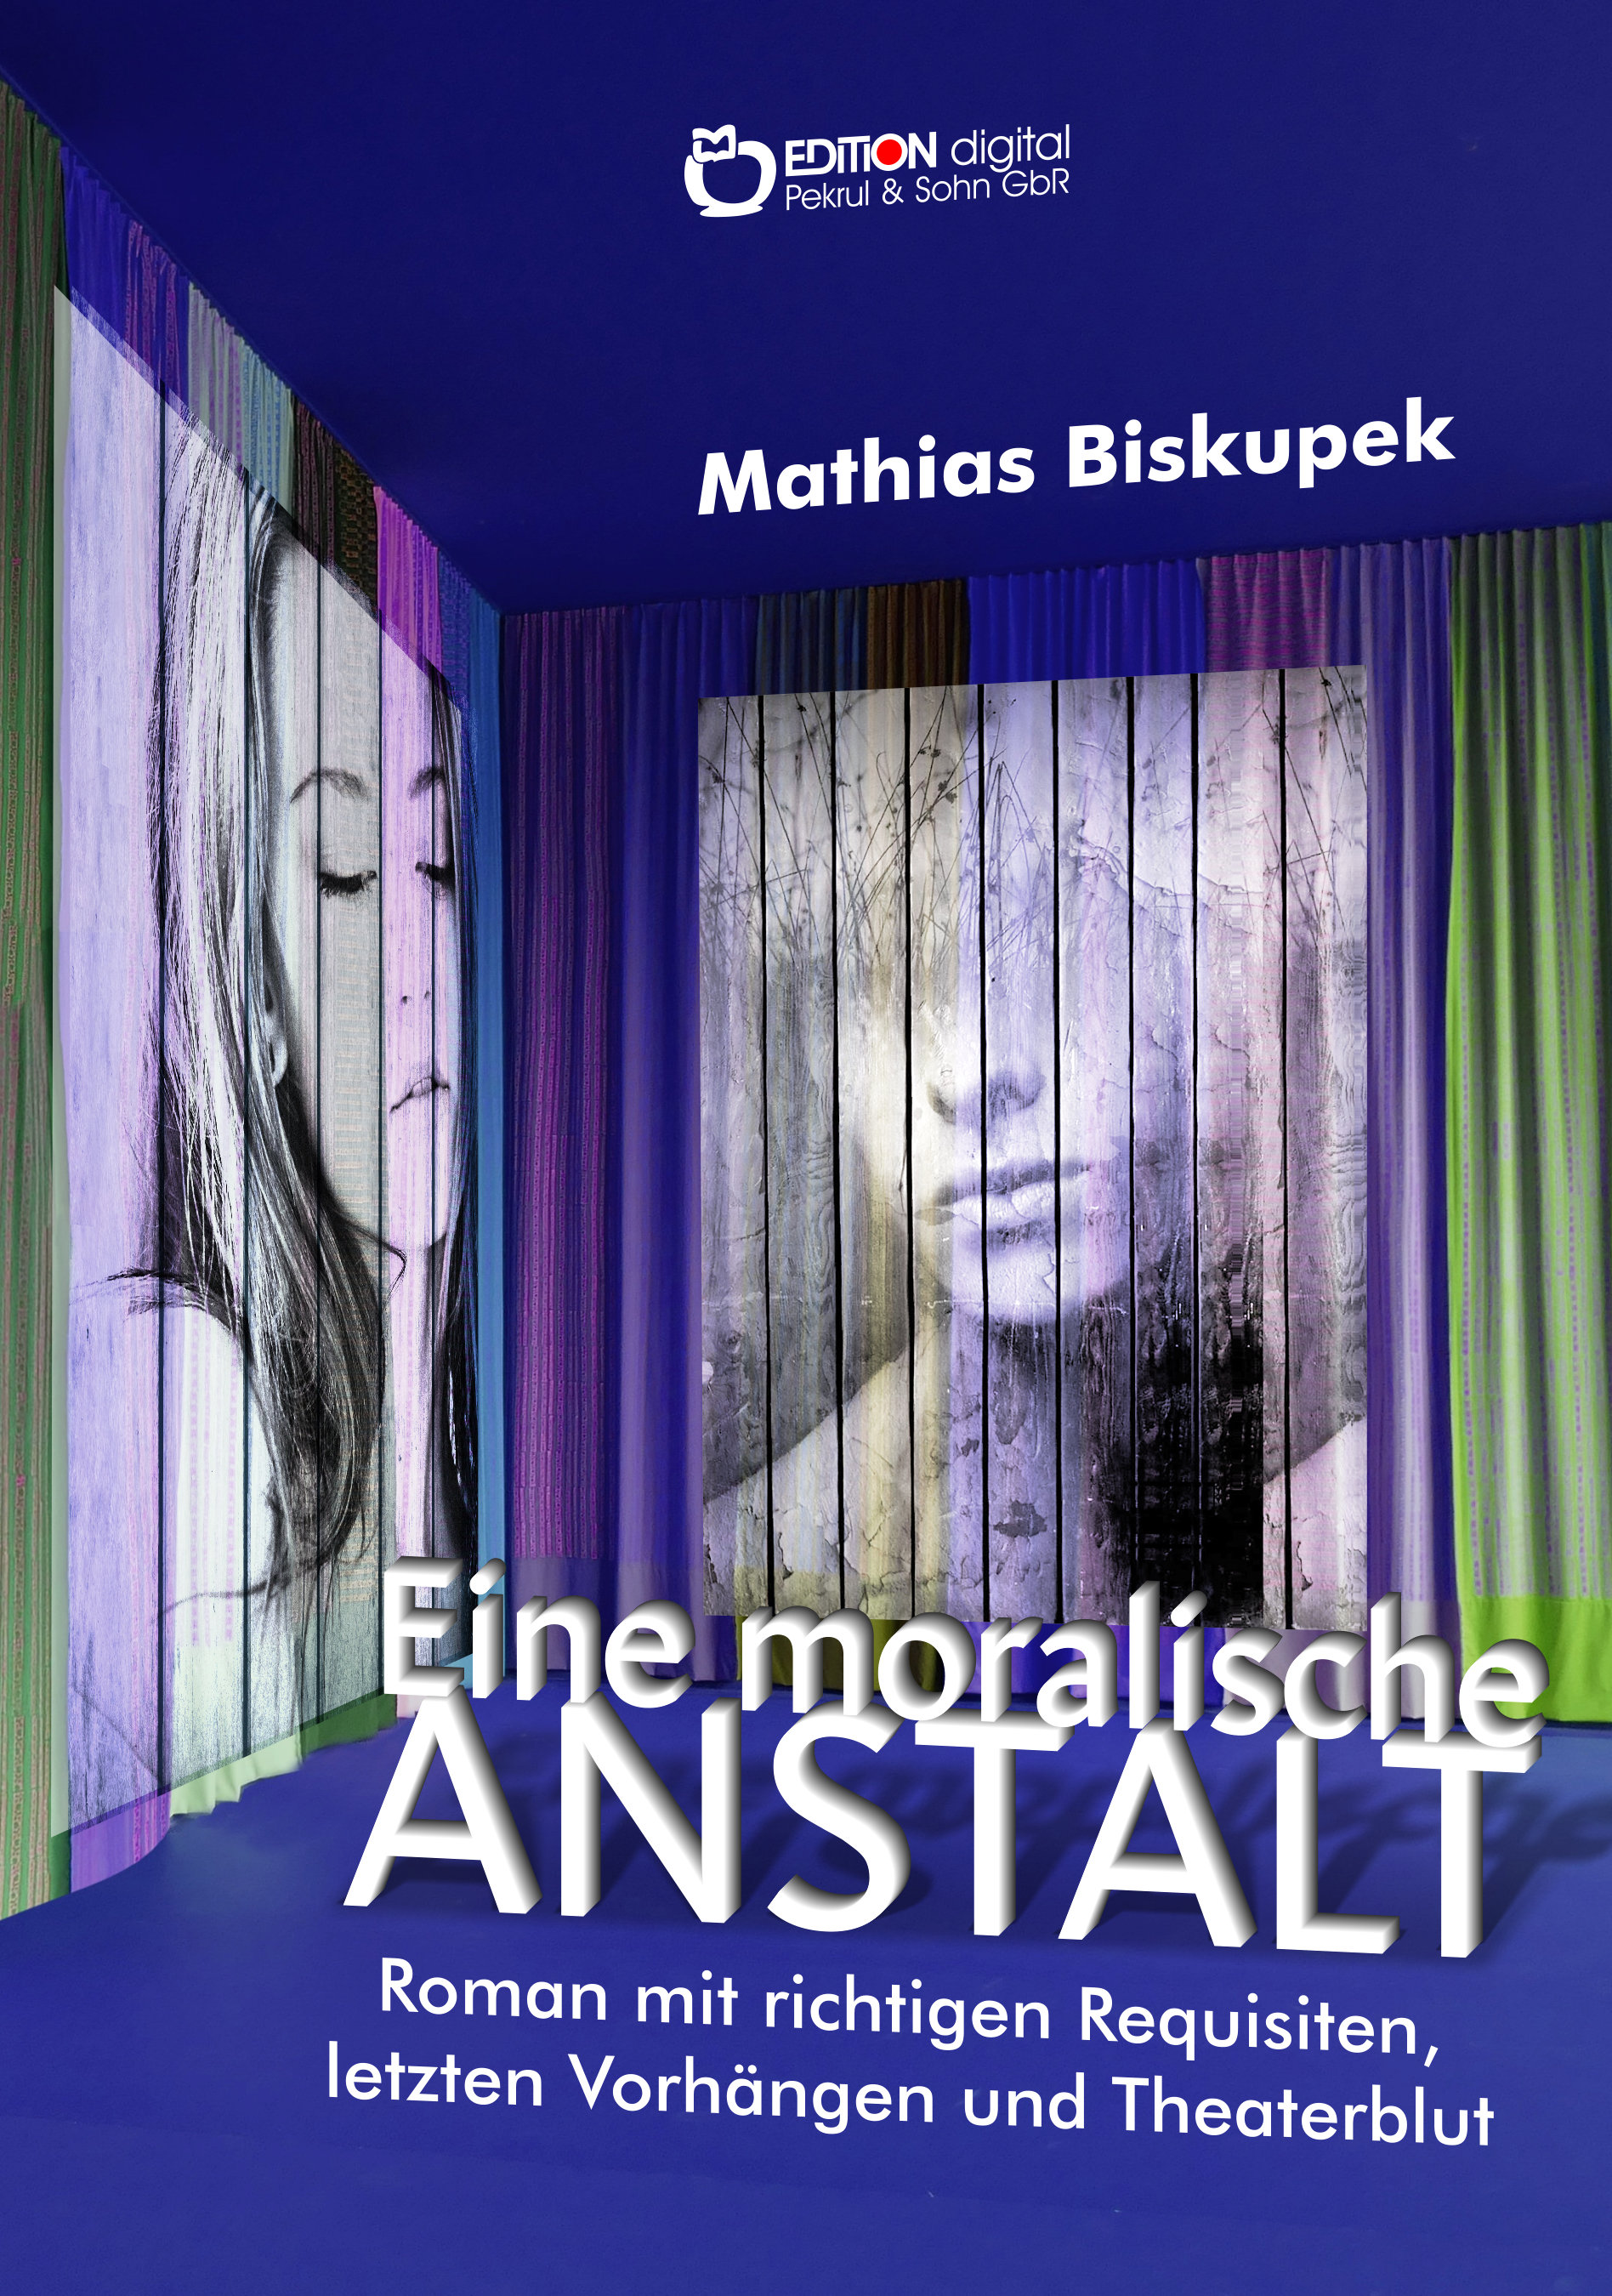 EINE MORALISCHE ANSTALT. Roman mit richtigen Requisiten, letzten Vorhängen und Theaterblut von Matthias Biskupek